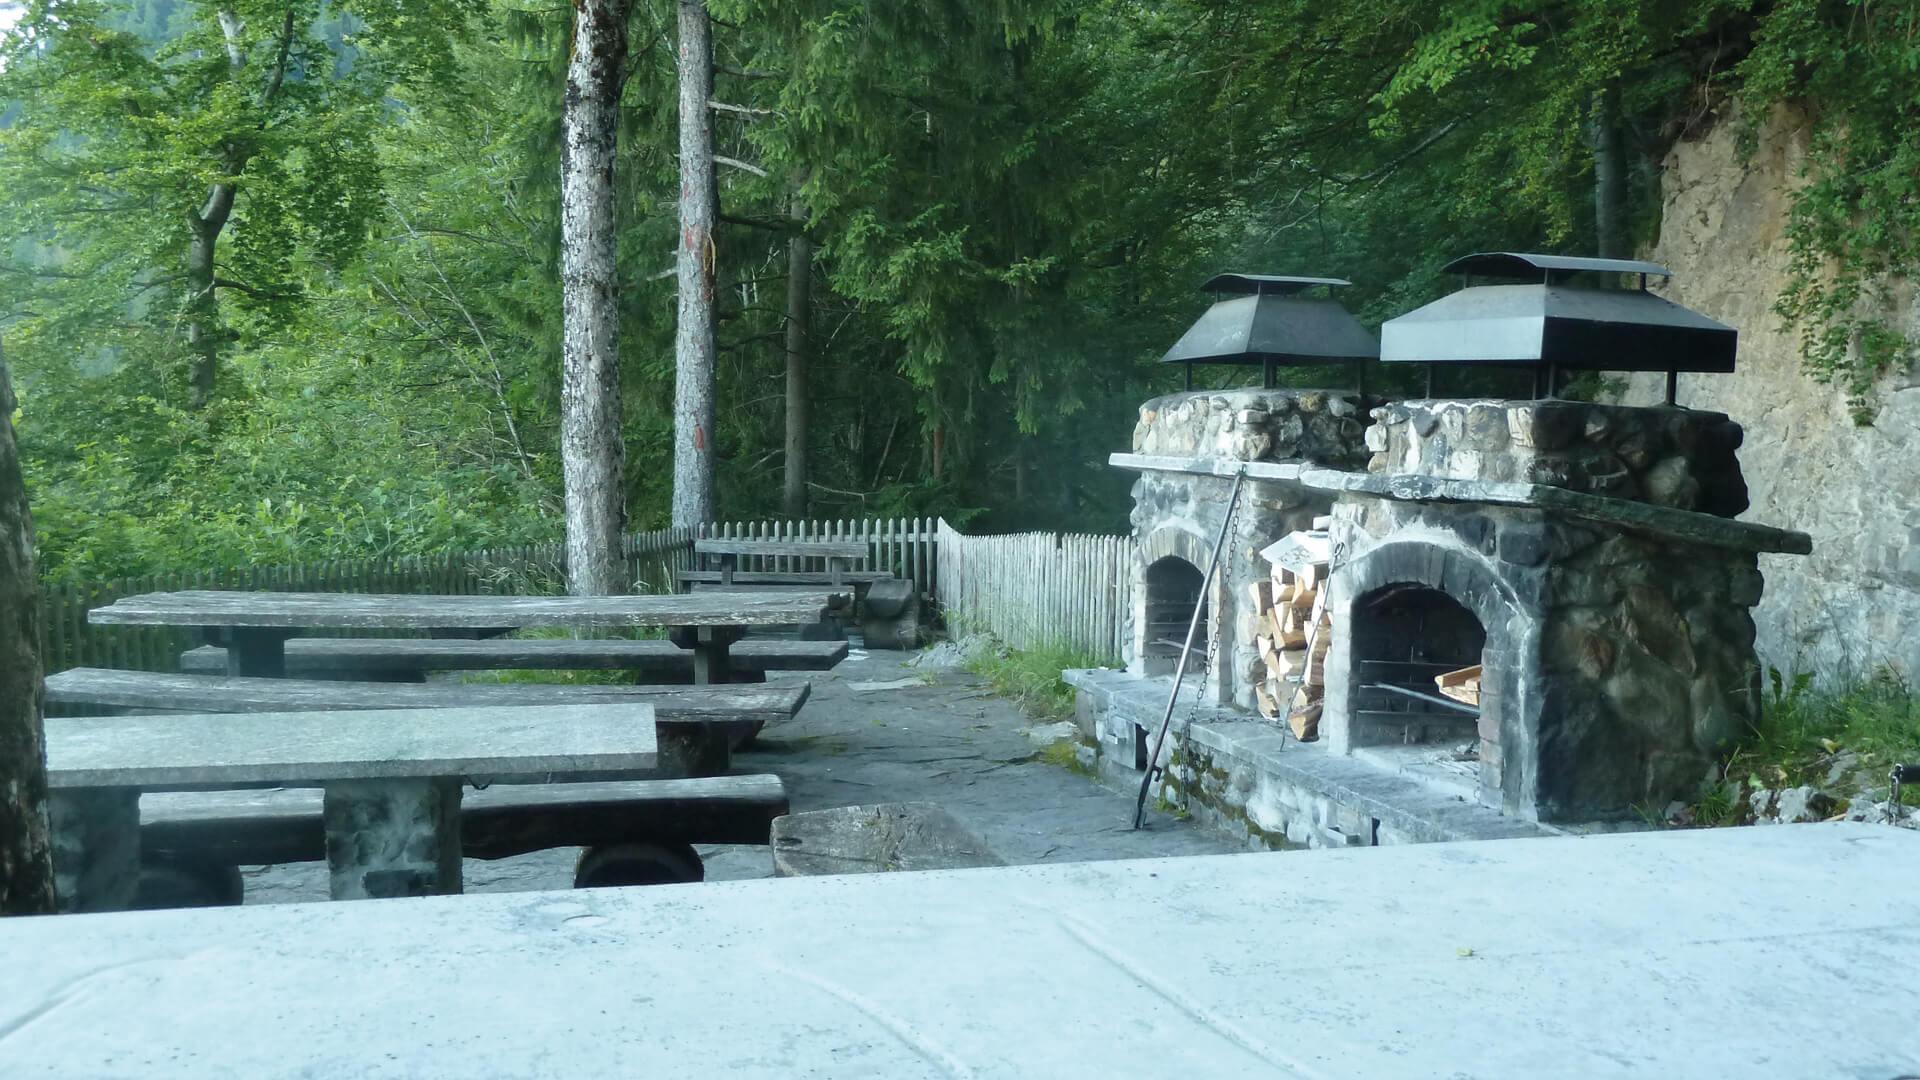 sigriswil-braetliplatz-wyssental-sommer-feuerstellen